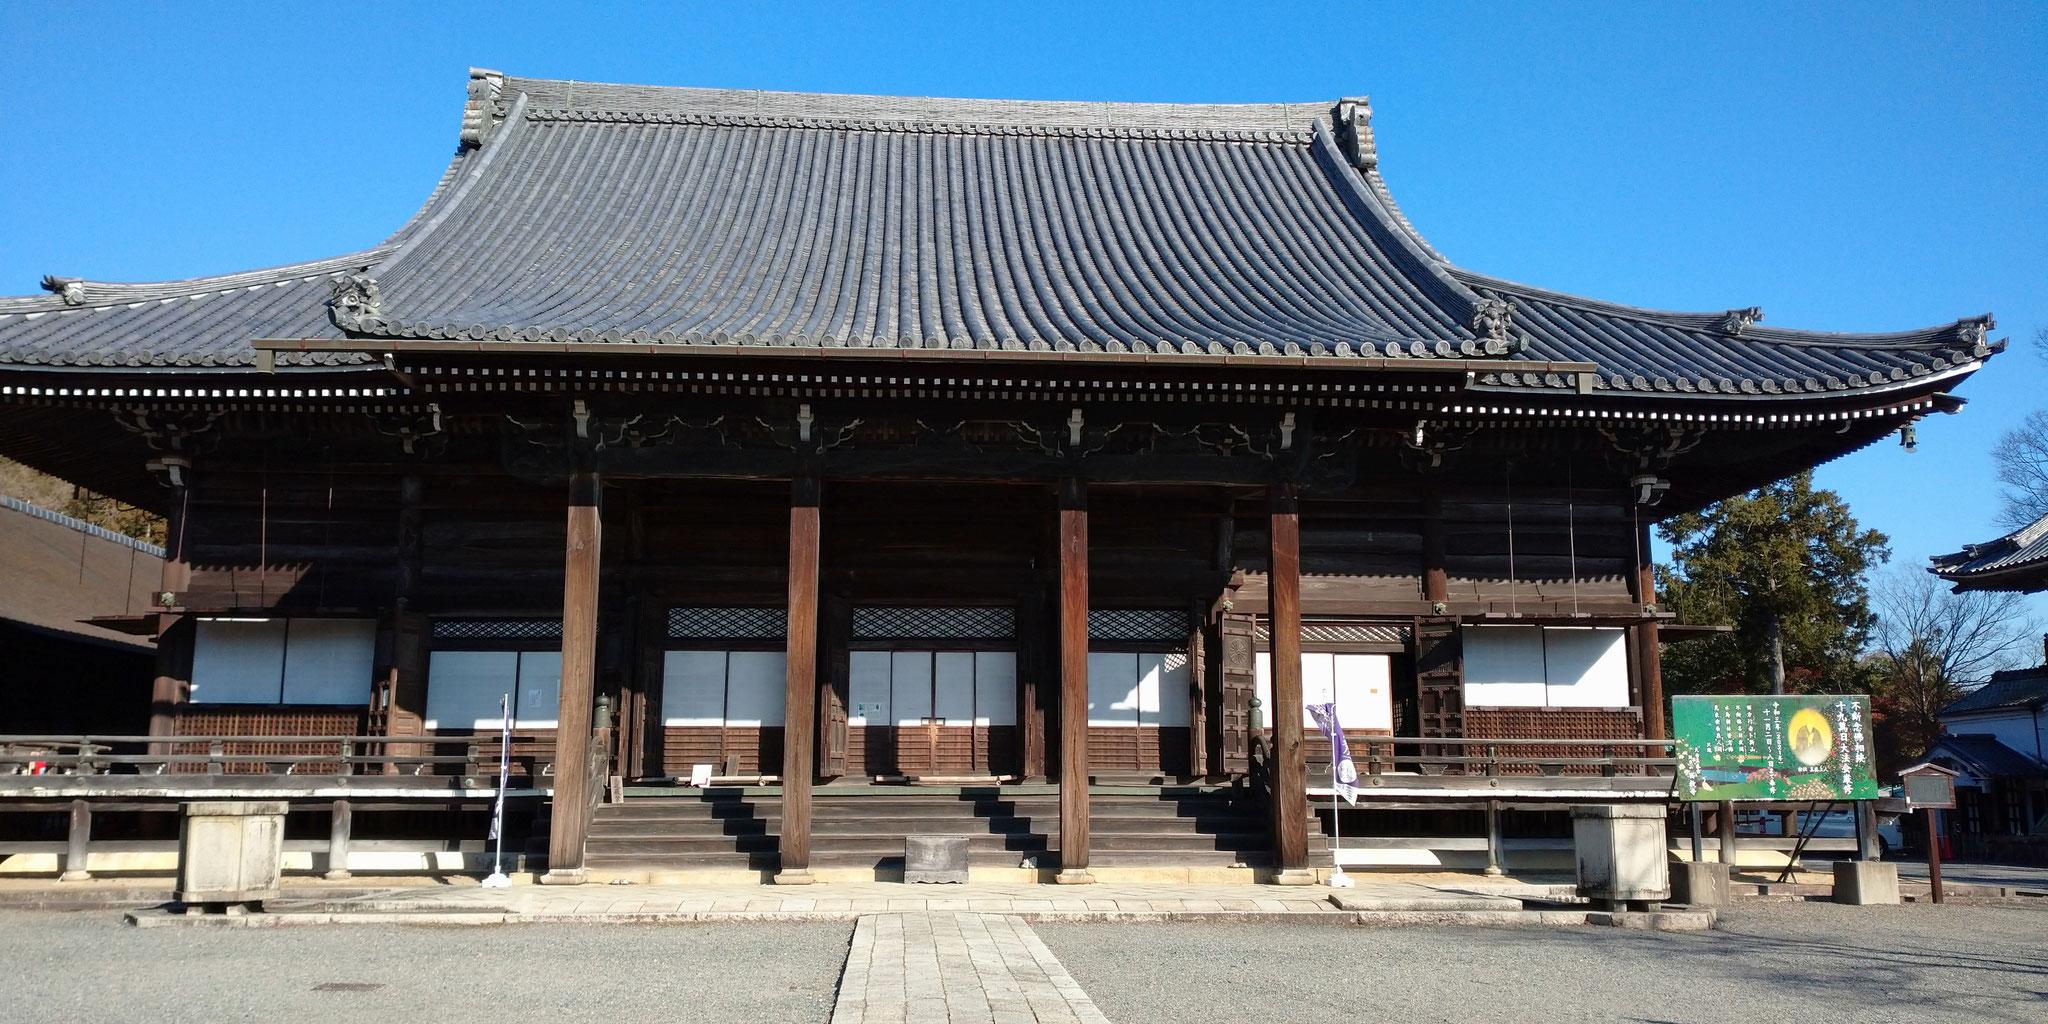 西教寺 金堂